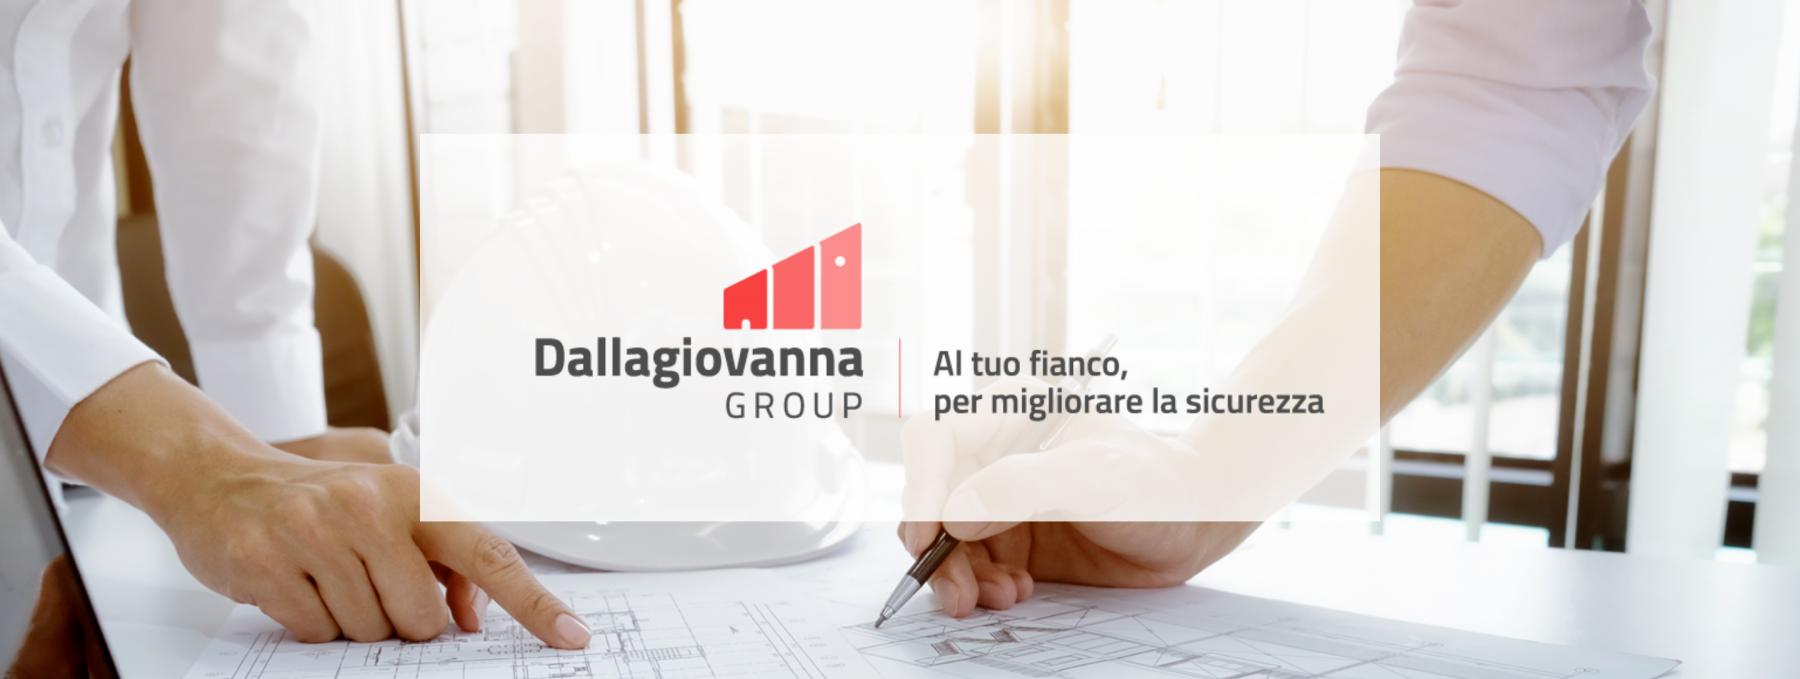 Dallagiovanna Group consulenza sicurezza